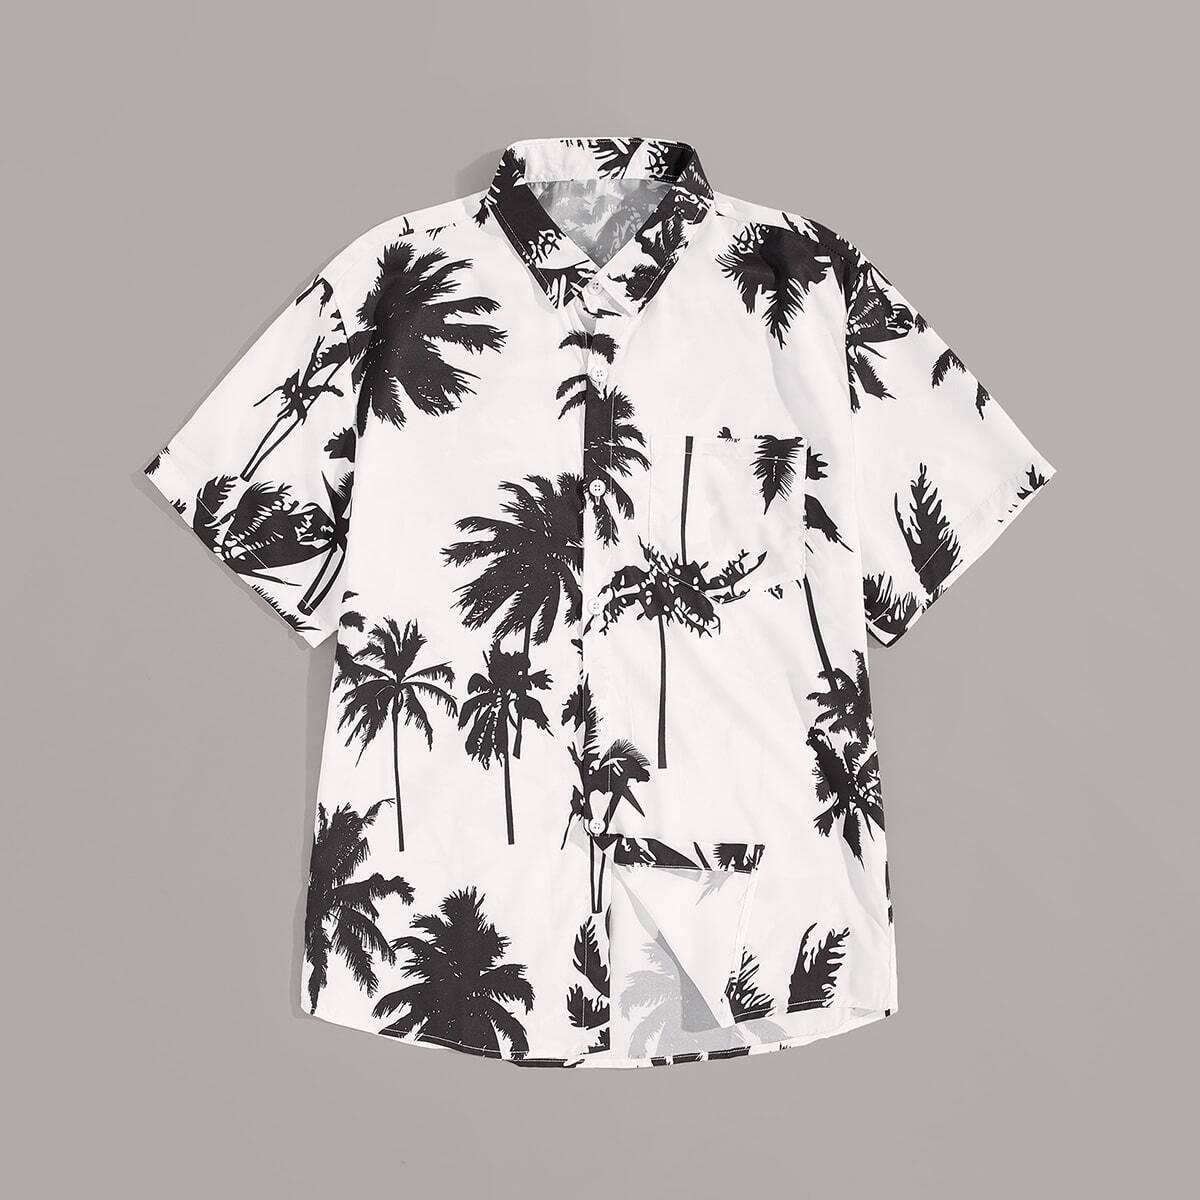 Мужская рубашка с изогнутым краем и графическим принтом SheIn smshirt01190313151